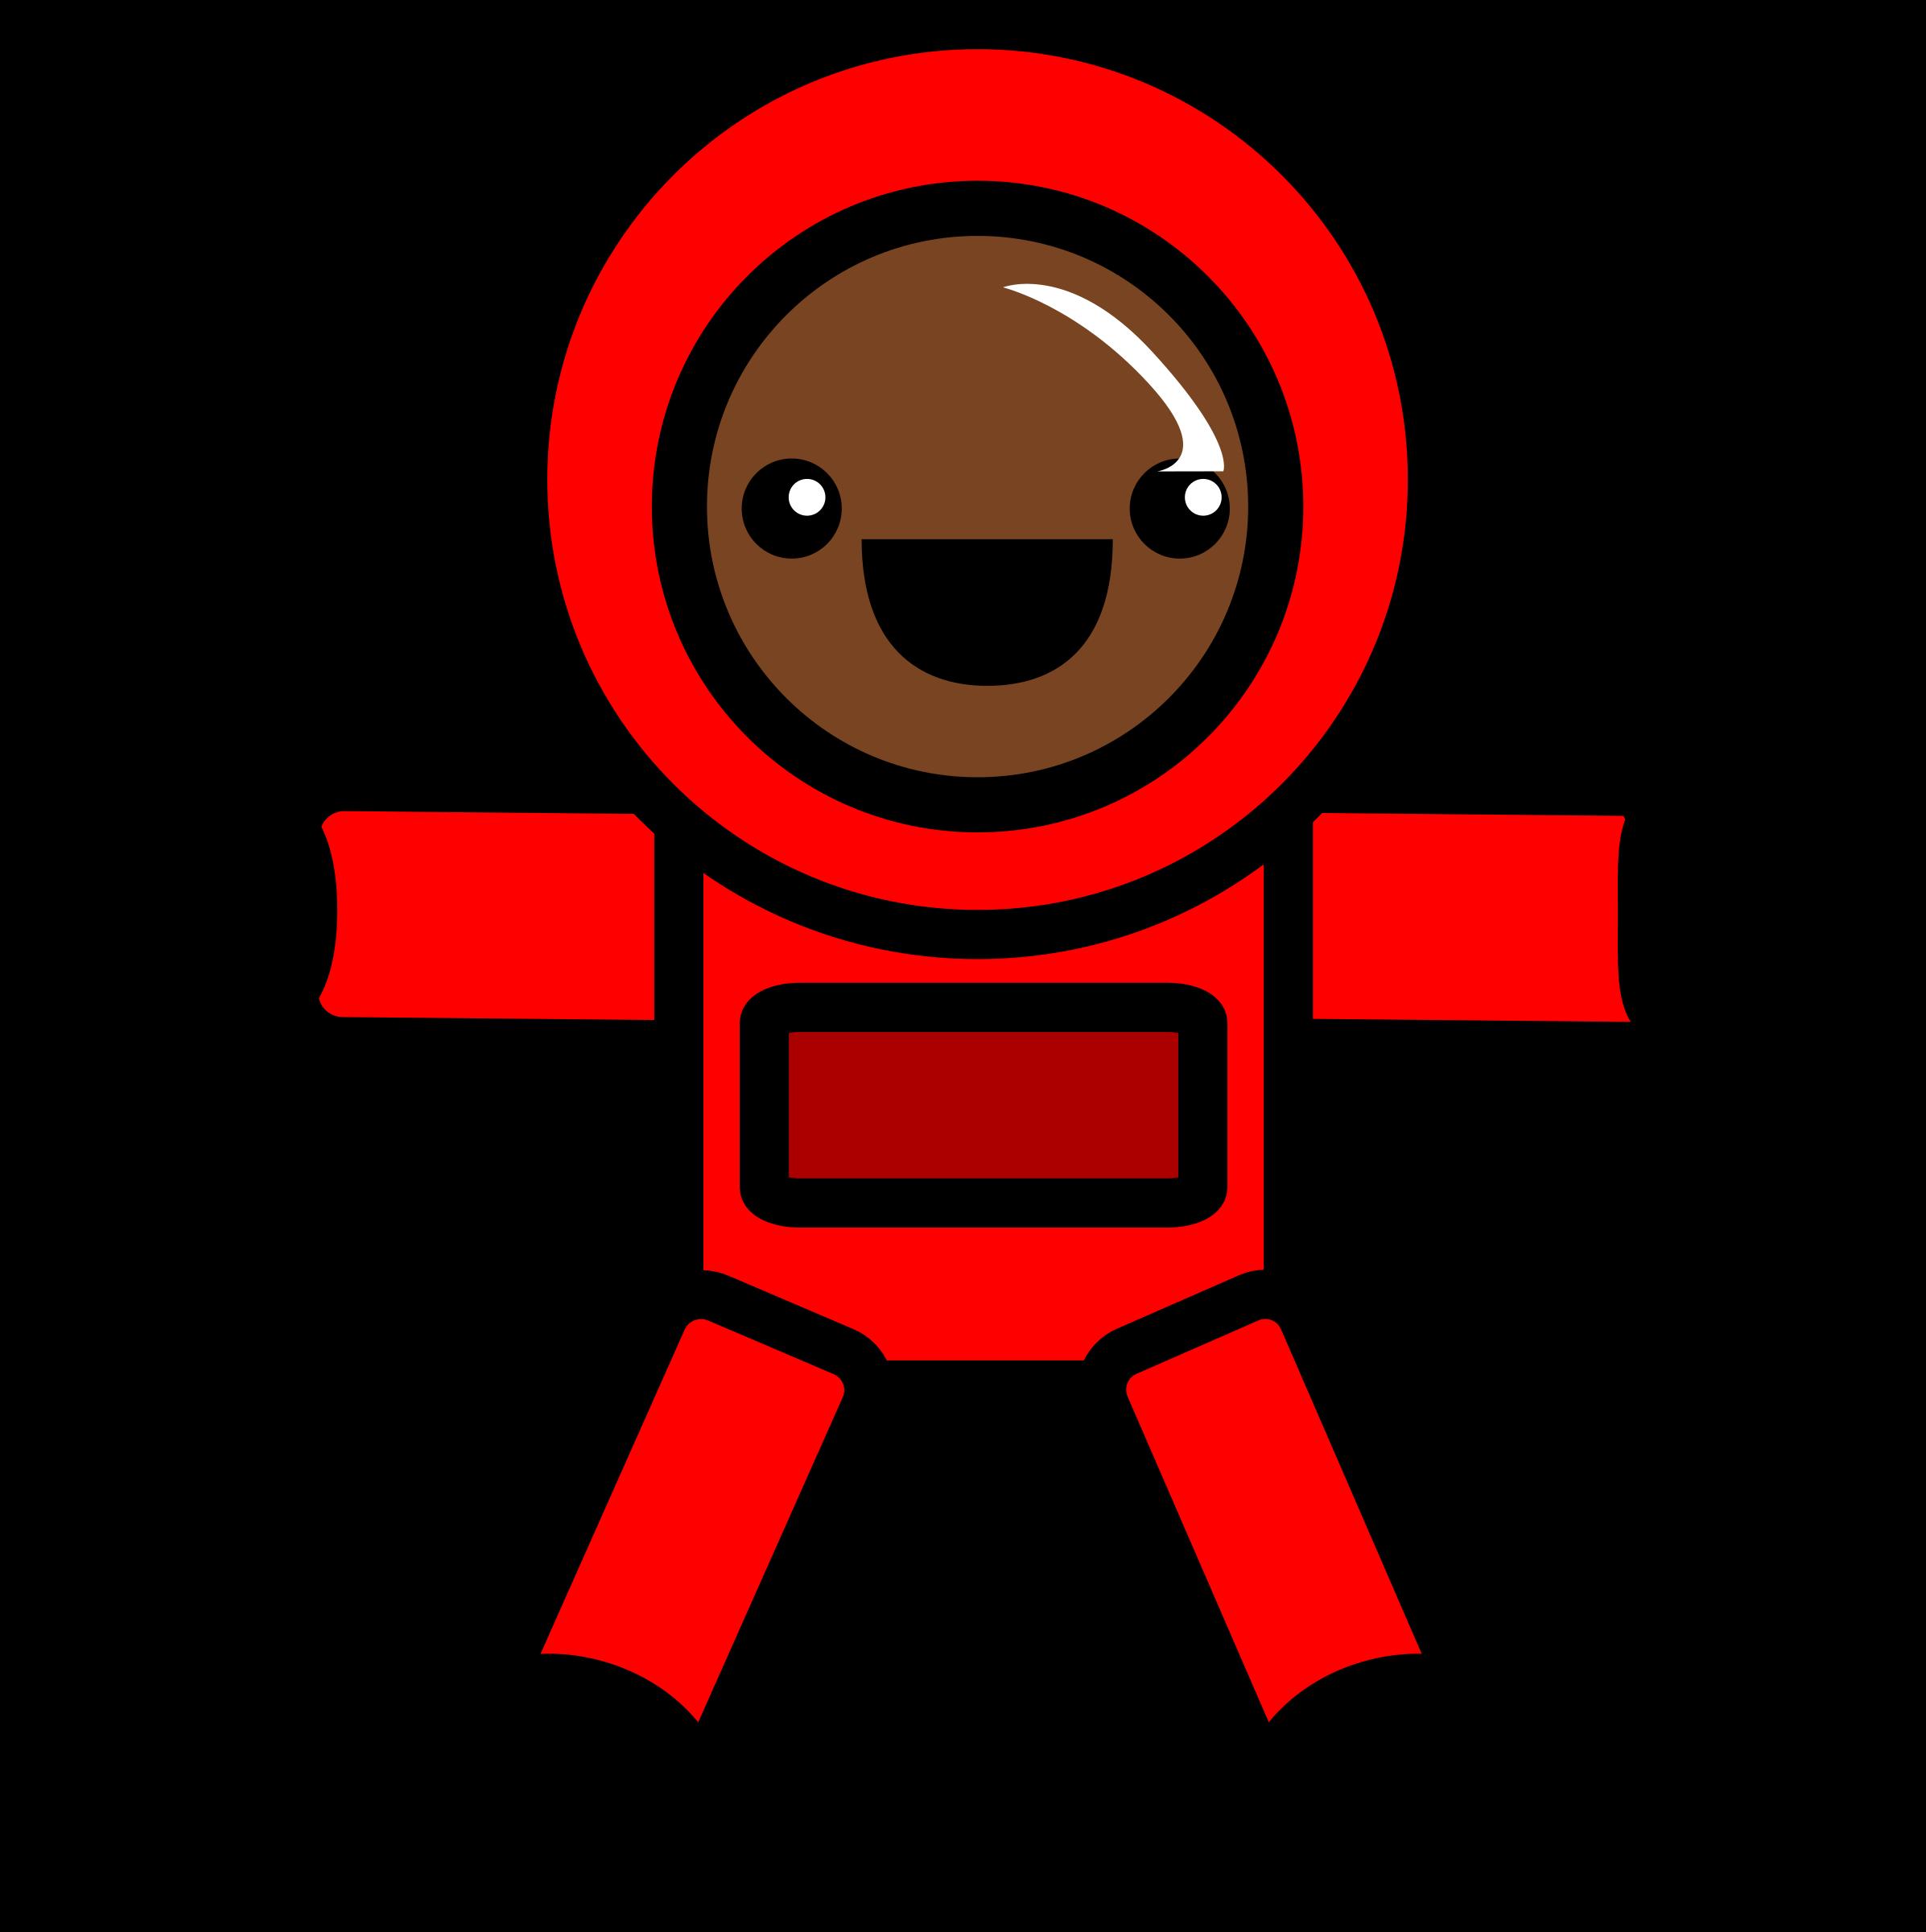 Spacesuit clipart cute Astronaut suit red space Clipart